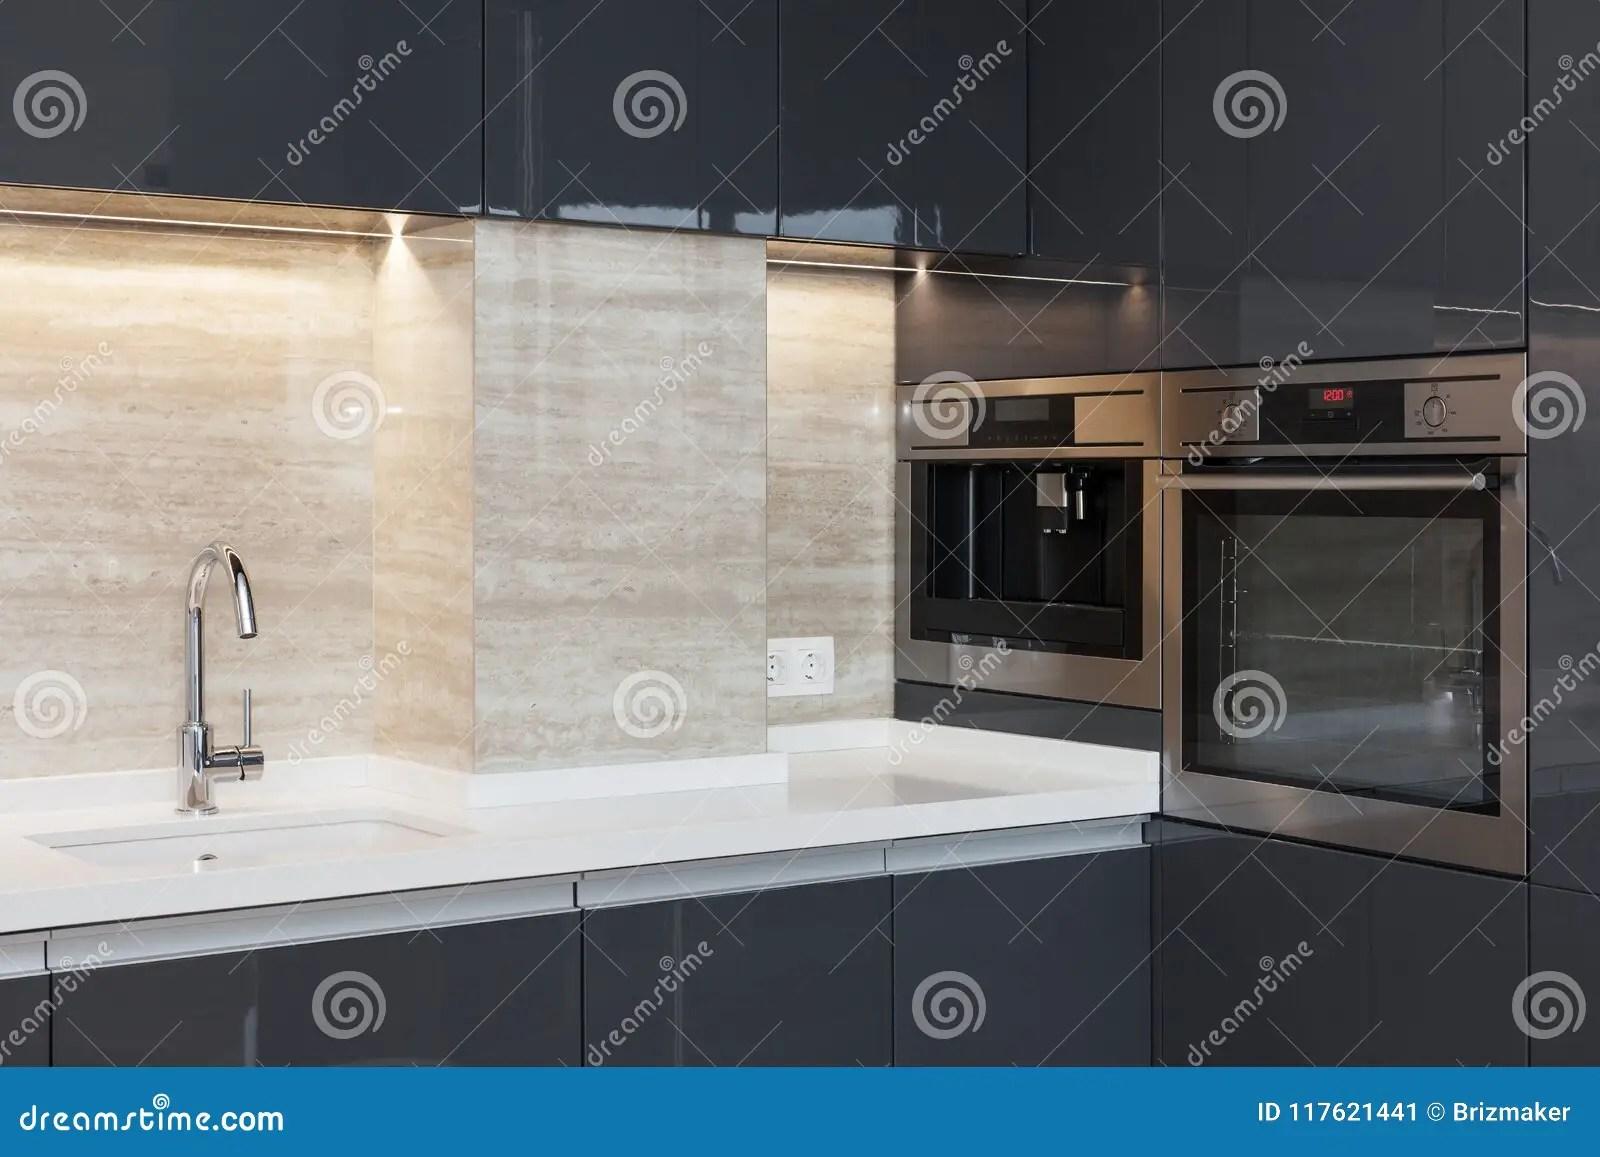 kitchen ovens kwc faucets 有修造的新的现代厨房在烤箱和镀铬物水龙头led worktop照明库存图片 worktop照明